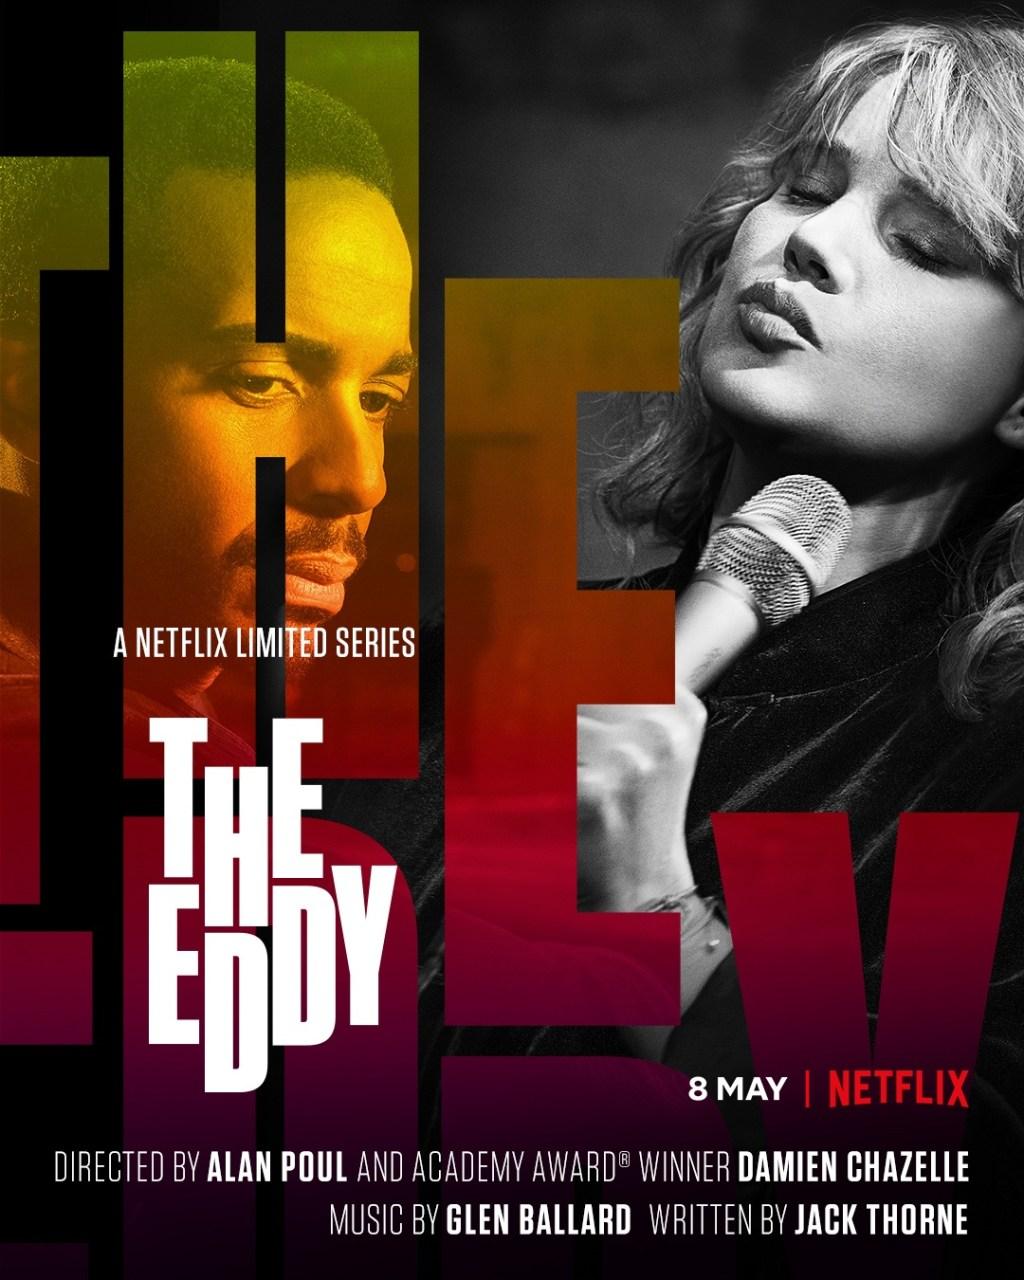 EDDY_4X5_ELLIOT_MAJA_2_RGB_LOCALIZATION_EN-US